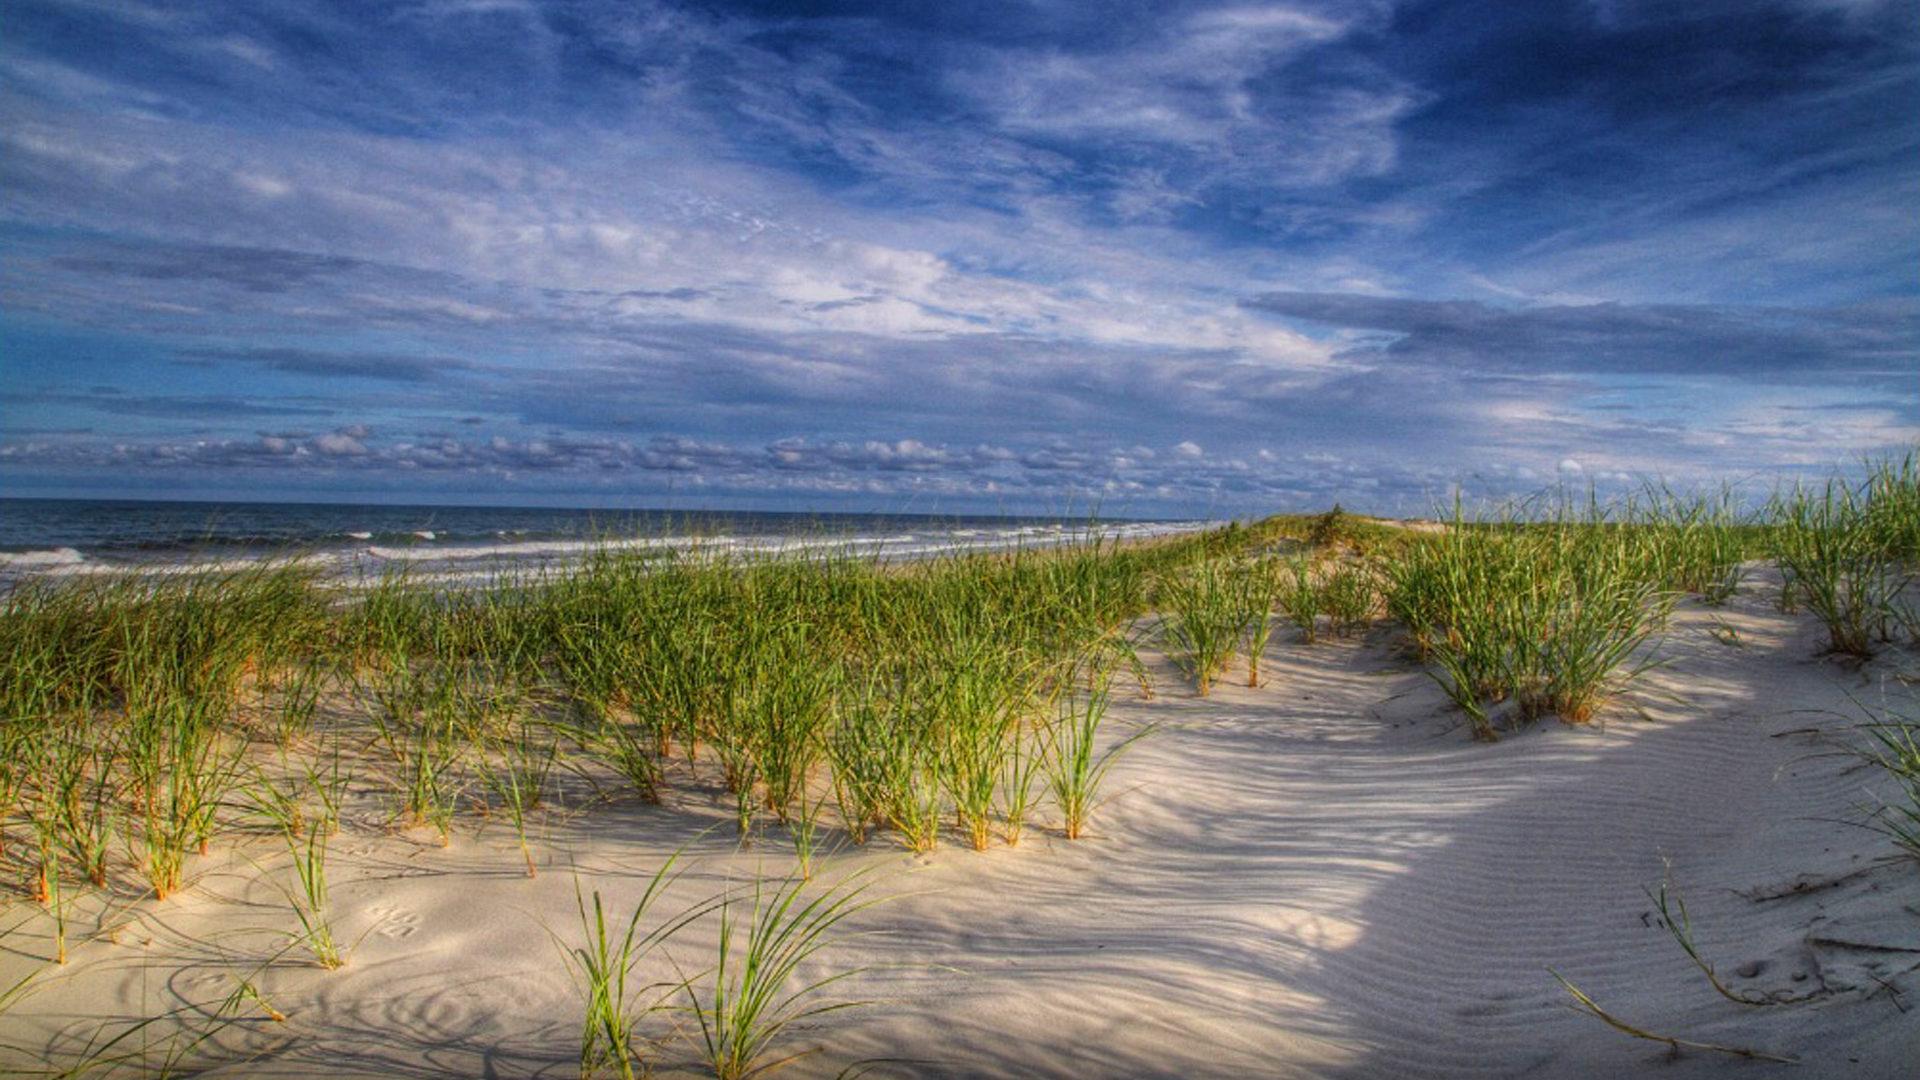 Iphone X Sand Wallpaper Island Beach State Park New Jersey Summer Beach Grass